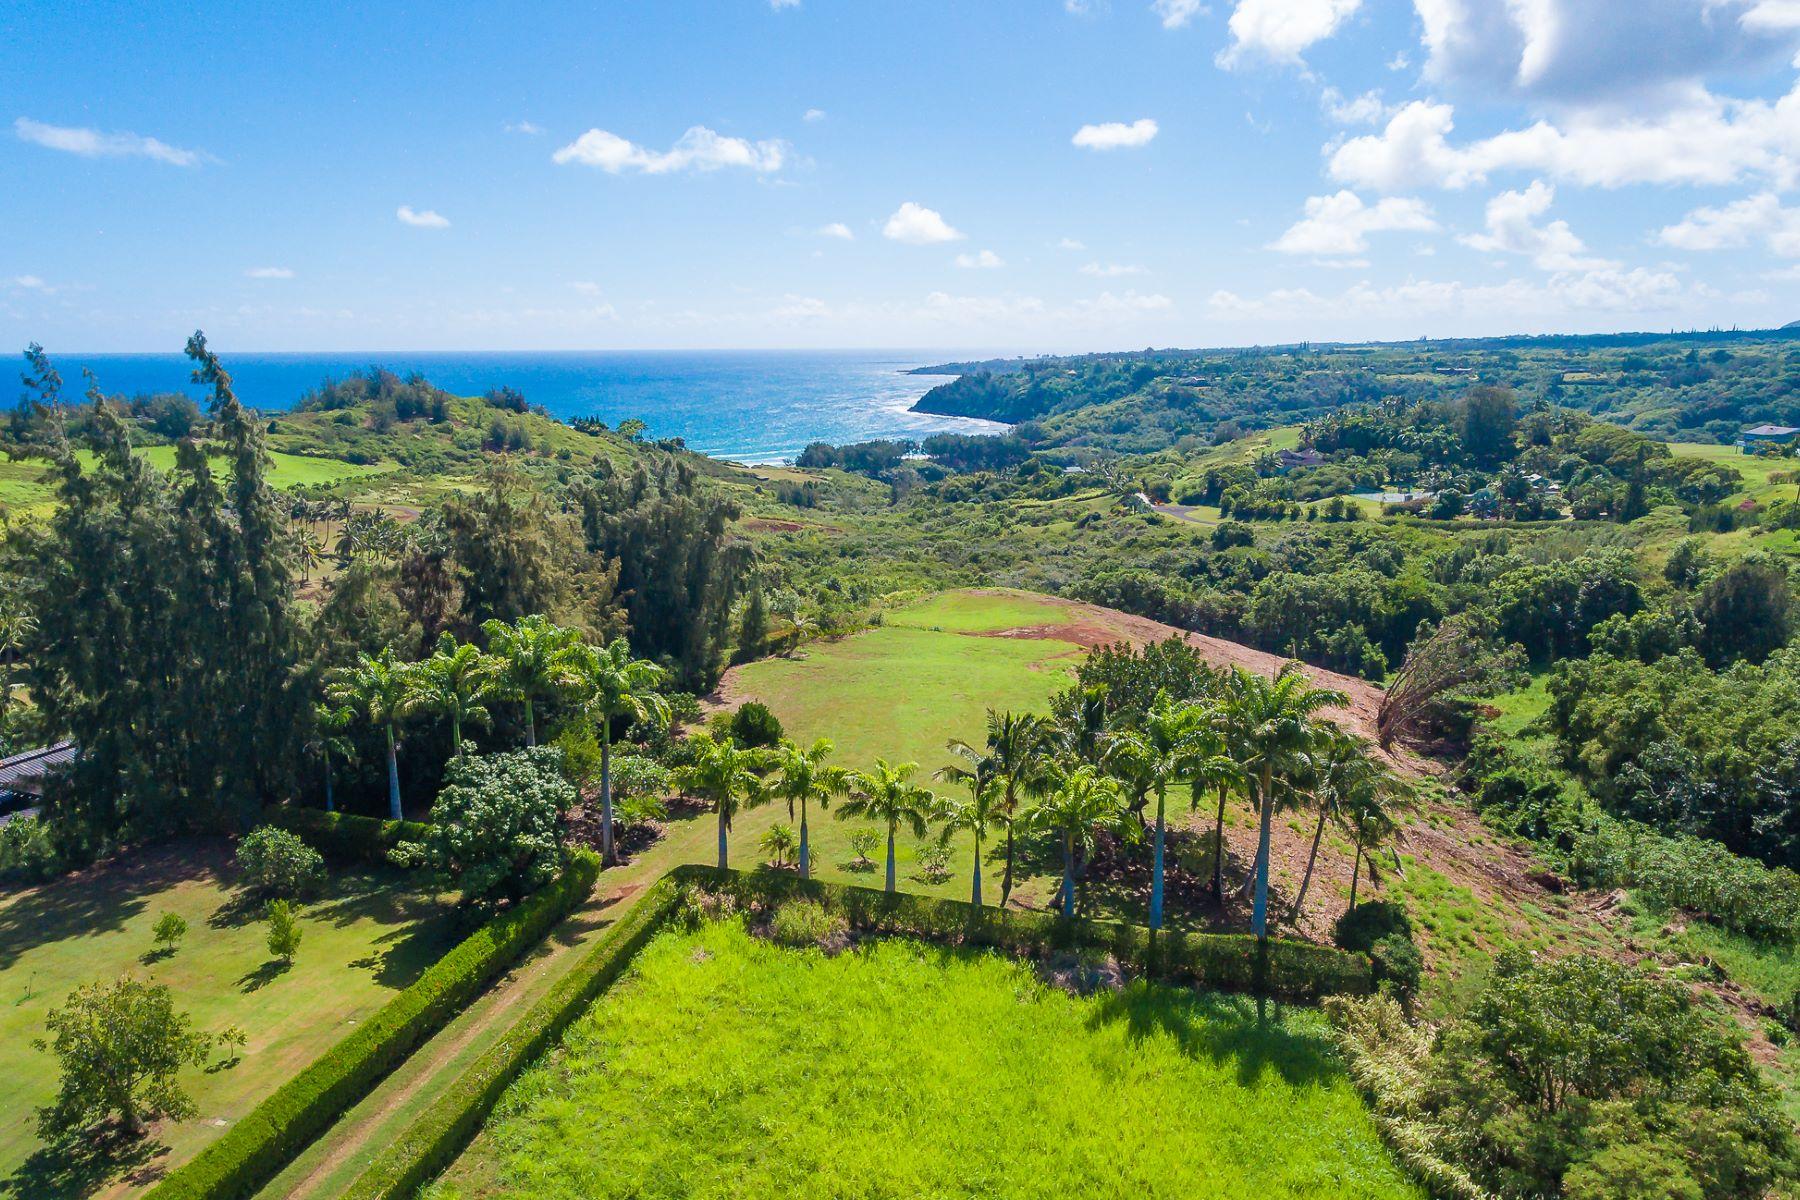 土地,用地 为 销售 在 La Paloma #1 Pali Moana Place #20A 基拉韦厄峰, 夏威夷 96754 美国